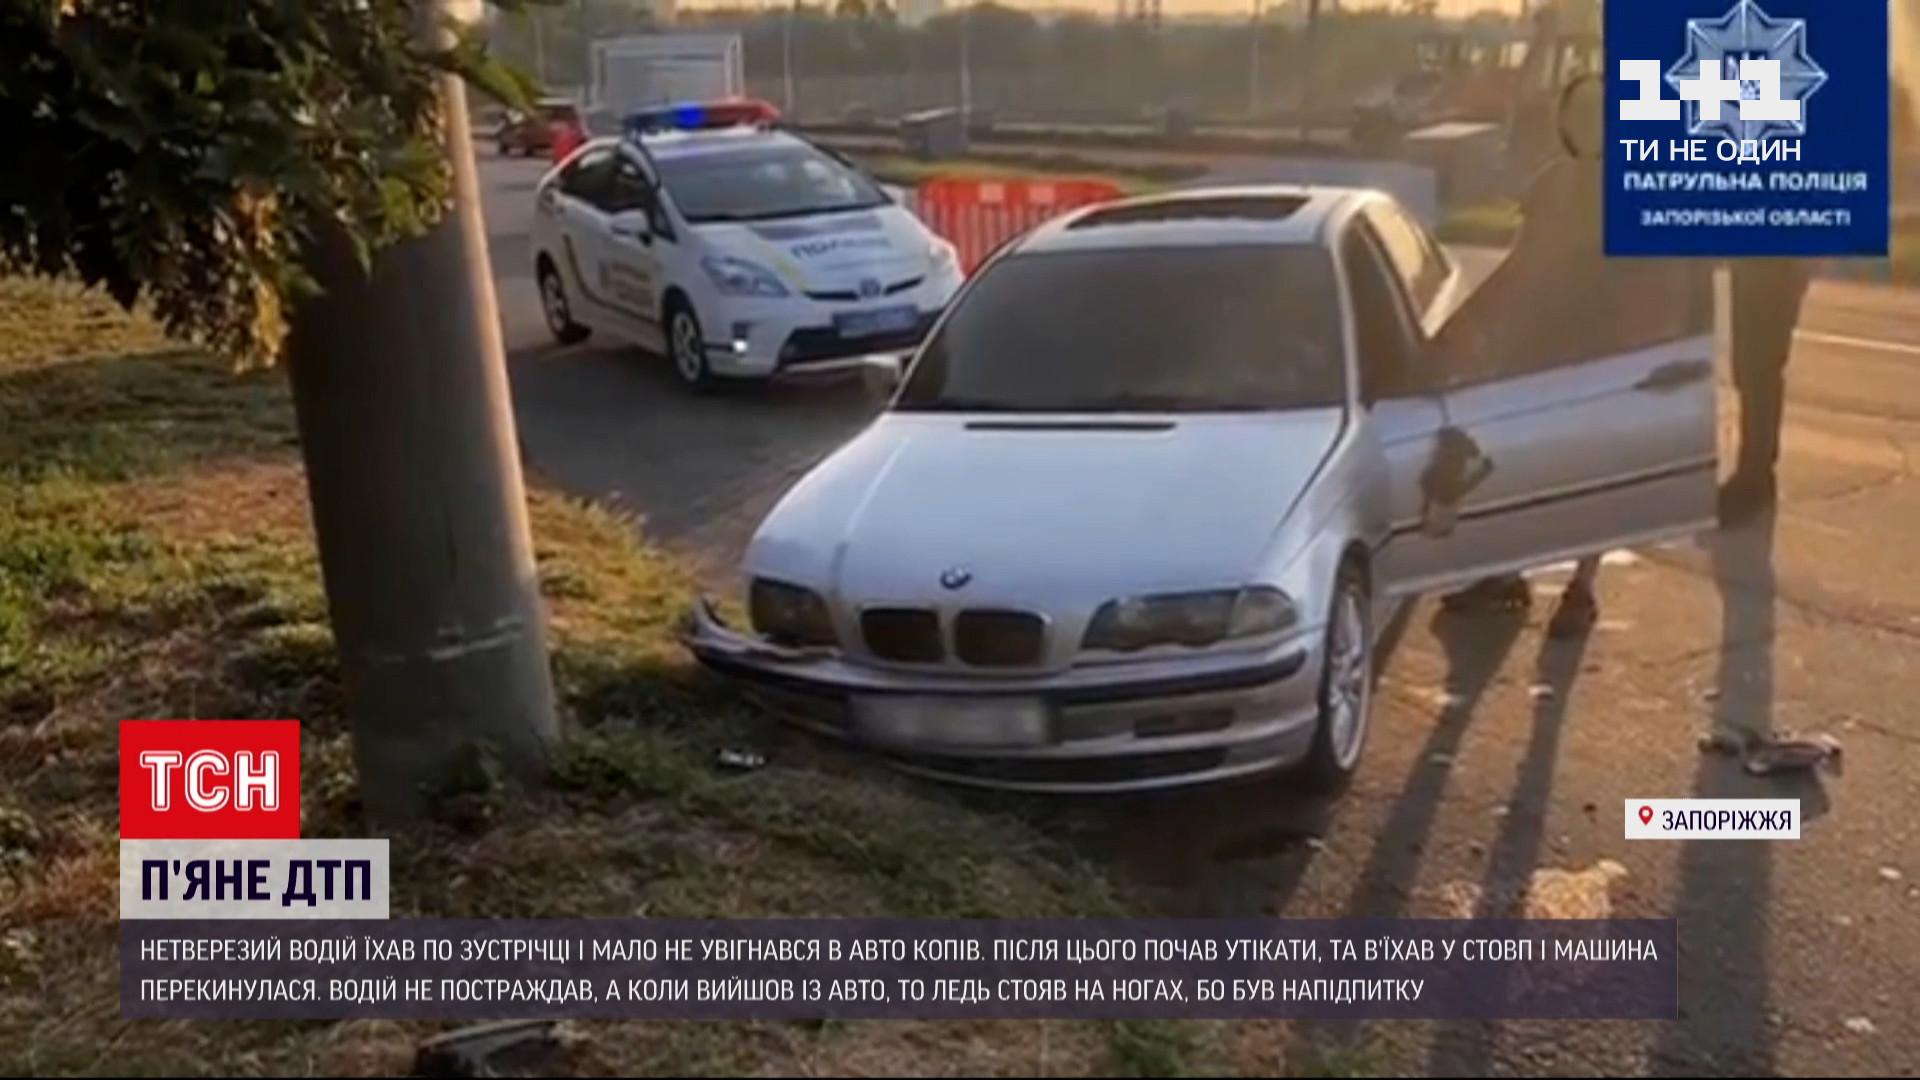 Пытаясь убежать от полицейских нарушитель почти сразу врезался в столб / скриншот видео